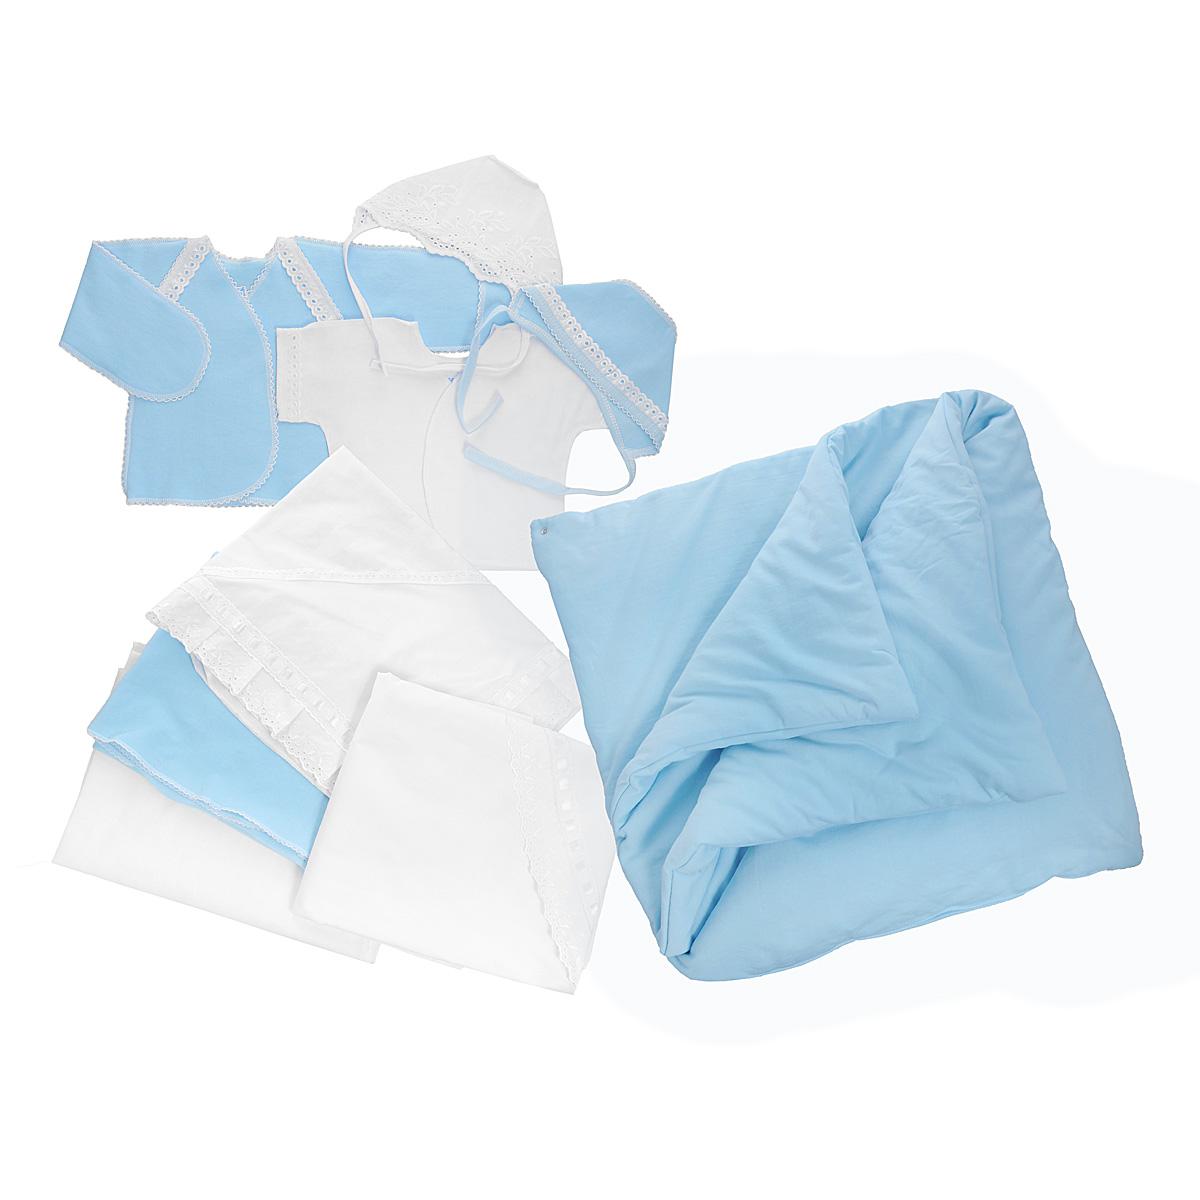 Комплект для новорожденного Трон-Плюс, 9 предметов, цвет: белый, голубой. 3476. Размер 62, 3 месяца3476Комплект для новорожденного Трон-плюс - это замечательный подарок, который прекрасно подойдет для первых дней жизни ребенка. Комплект состоит из двух распашонок, двух чепчиков, уголка, двух пеленок, пододеяльника и одеяла. Комплект изготовлен из натурального хлопка, благодаря чему он необычайно мягкий и приятный на ощупь, не сковывает движения младенца и позволяет коже дышать, не раздражает даже самую нежную и чувствительную кожу ребенка, обеспечивая ему наибольший комфорт. Легкая распашонка с короткими рукавами выполнена швами наружу. Изделие украшено вышивкой, а рукава декорированы ажурными рюшами и петельками.Теплая распашонка с запахом выполнена швами наружу. Декорирована распашонка ажурными рюшами. А благодаря рукавичкам ребенок не поцарапает себя. Ручки могут быть как открытыми, так и закрытыми. Чепчик защищает еще не заросший родничок, щадит чувствительный слух малыша, прикрывая ушки, и предохраняет от теплопотерь. Комплект содержит два чепчика: один - легкий мягкий чепчик с завязками выполнен швами наружу и украшен вышивками, а второй - теплый чепчик выполнен из футера швами наружу и украшен ажурными рюшами и петельками. Очаровательный уголок, выполненный из натурального хлопка и украшенный вышивками и атласной лентой, необычайно мягкий и легкий, не раздражает нежную кожу ребенка и хорошо вентилируется, а эластичные швы приятны телу младенца. Уголок обеспечивает вашему ребенку комфорт! Пеленка станет незаменимым помощником в деле ухода за ребенком. В комплект входят две пеленки: легкая из мадаполама и теплая из футера, отделанная ажурными петельками.Пододеяльник, выполненный из бязи отбеленной, дополнен двумя треугольными вырезами, отделанными вышивкой и атласной лентой.Одеяло из футера необычно мягкое и приятное на ощупь. Оно имеет три слоя синтепона и дополнено застежками-кнопками, благодаря которым его можно использовать в качестве конверта.Предметы набо